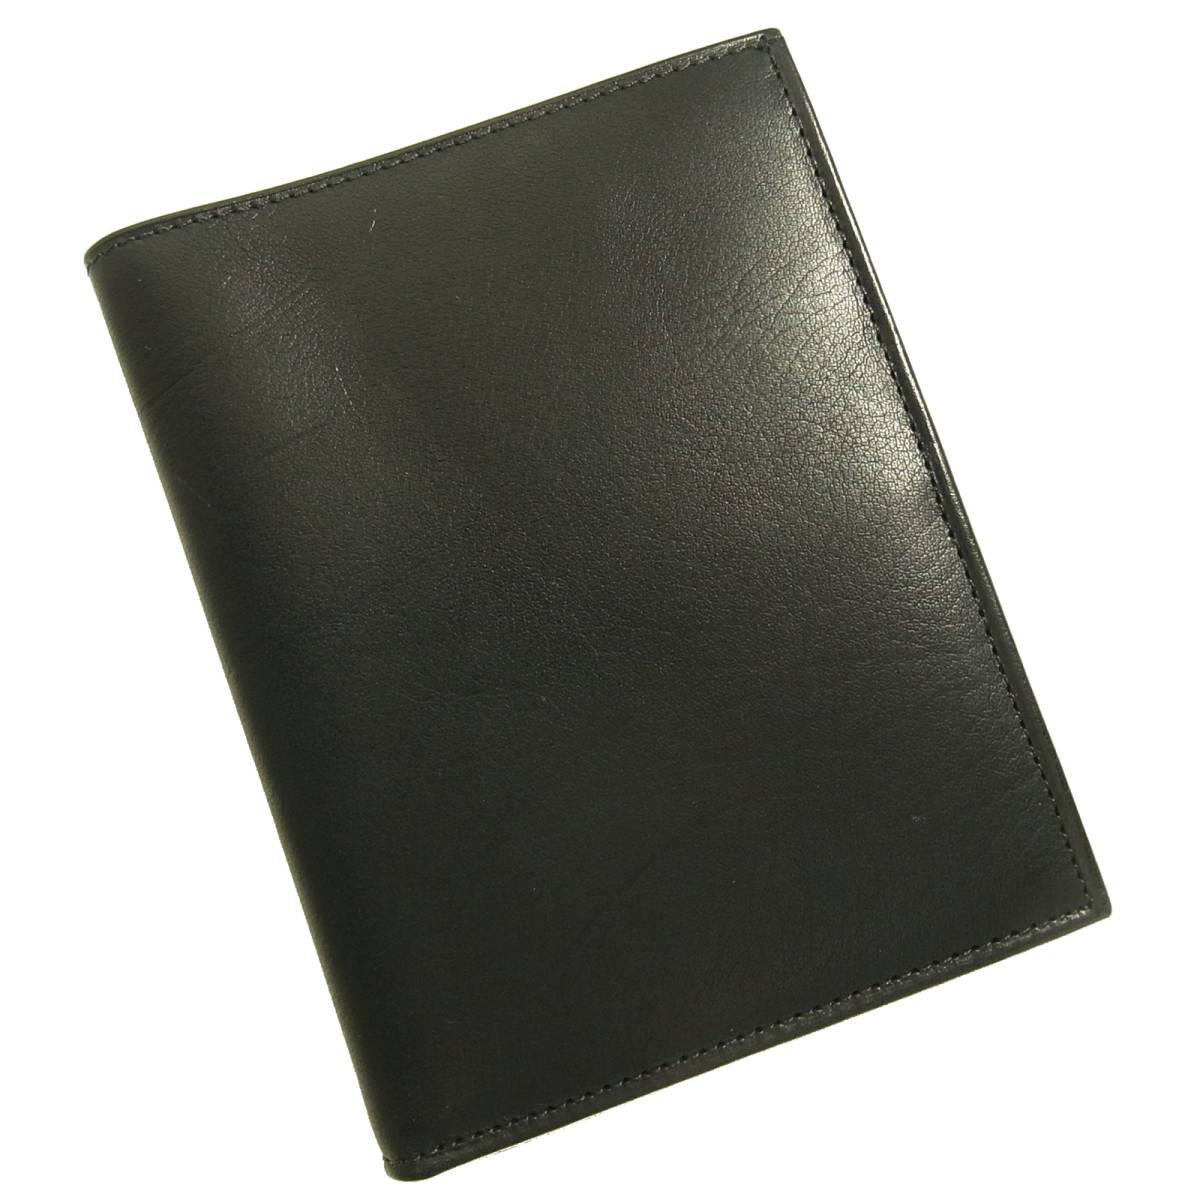 b69e52931b1d 美品 Coach オールドコーチ 二つ折り札入れ ID パスポートウォレット 4844 ブラック 黒 レザー パスポート